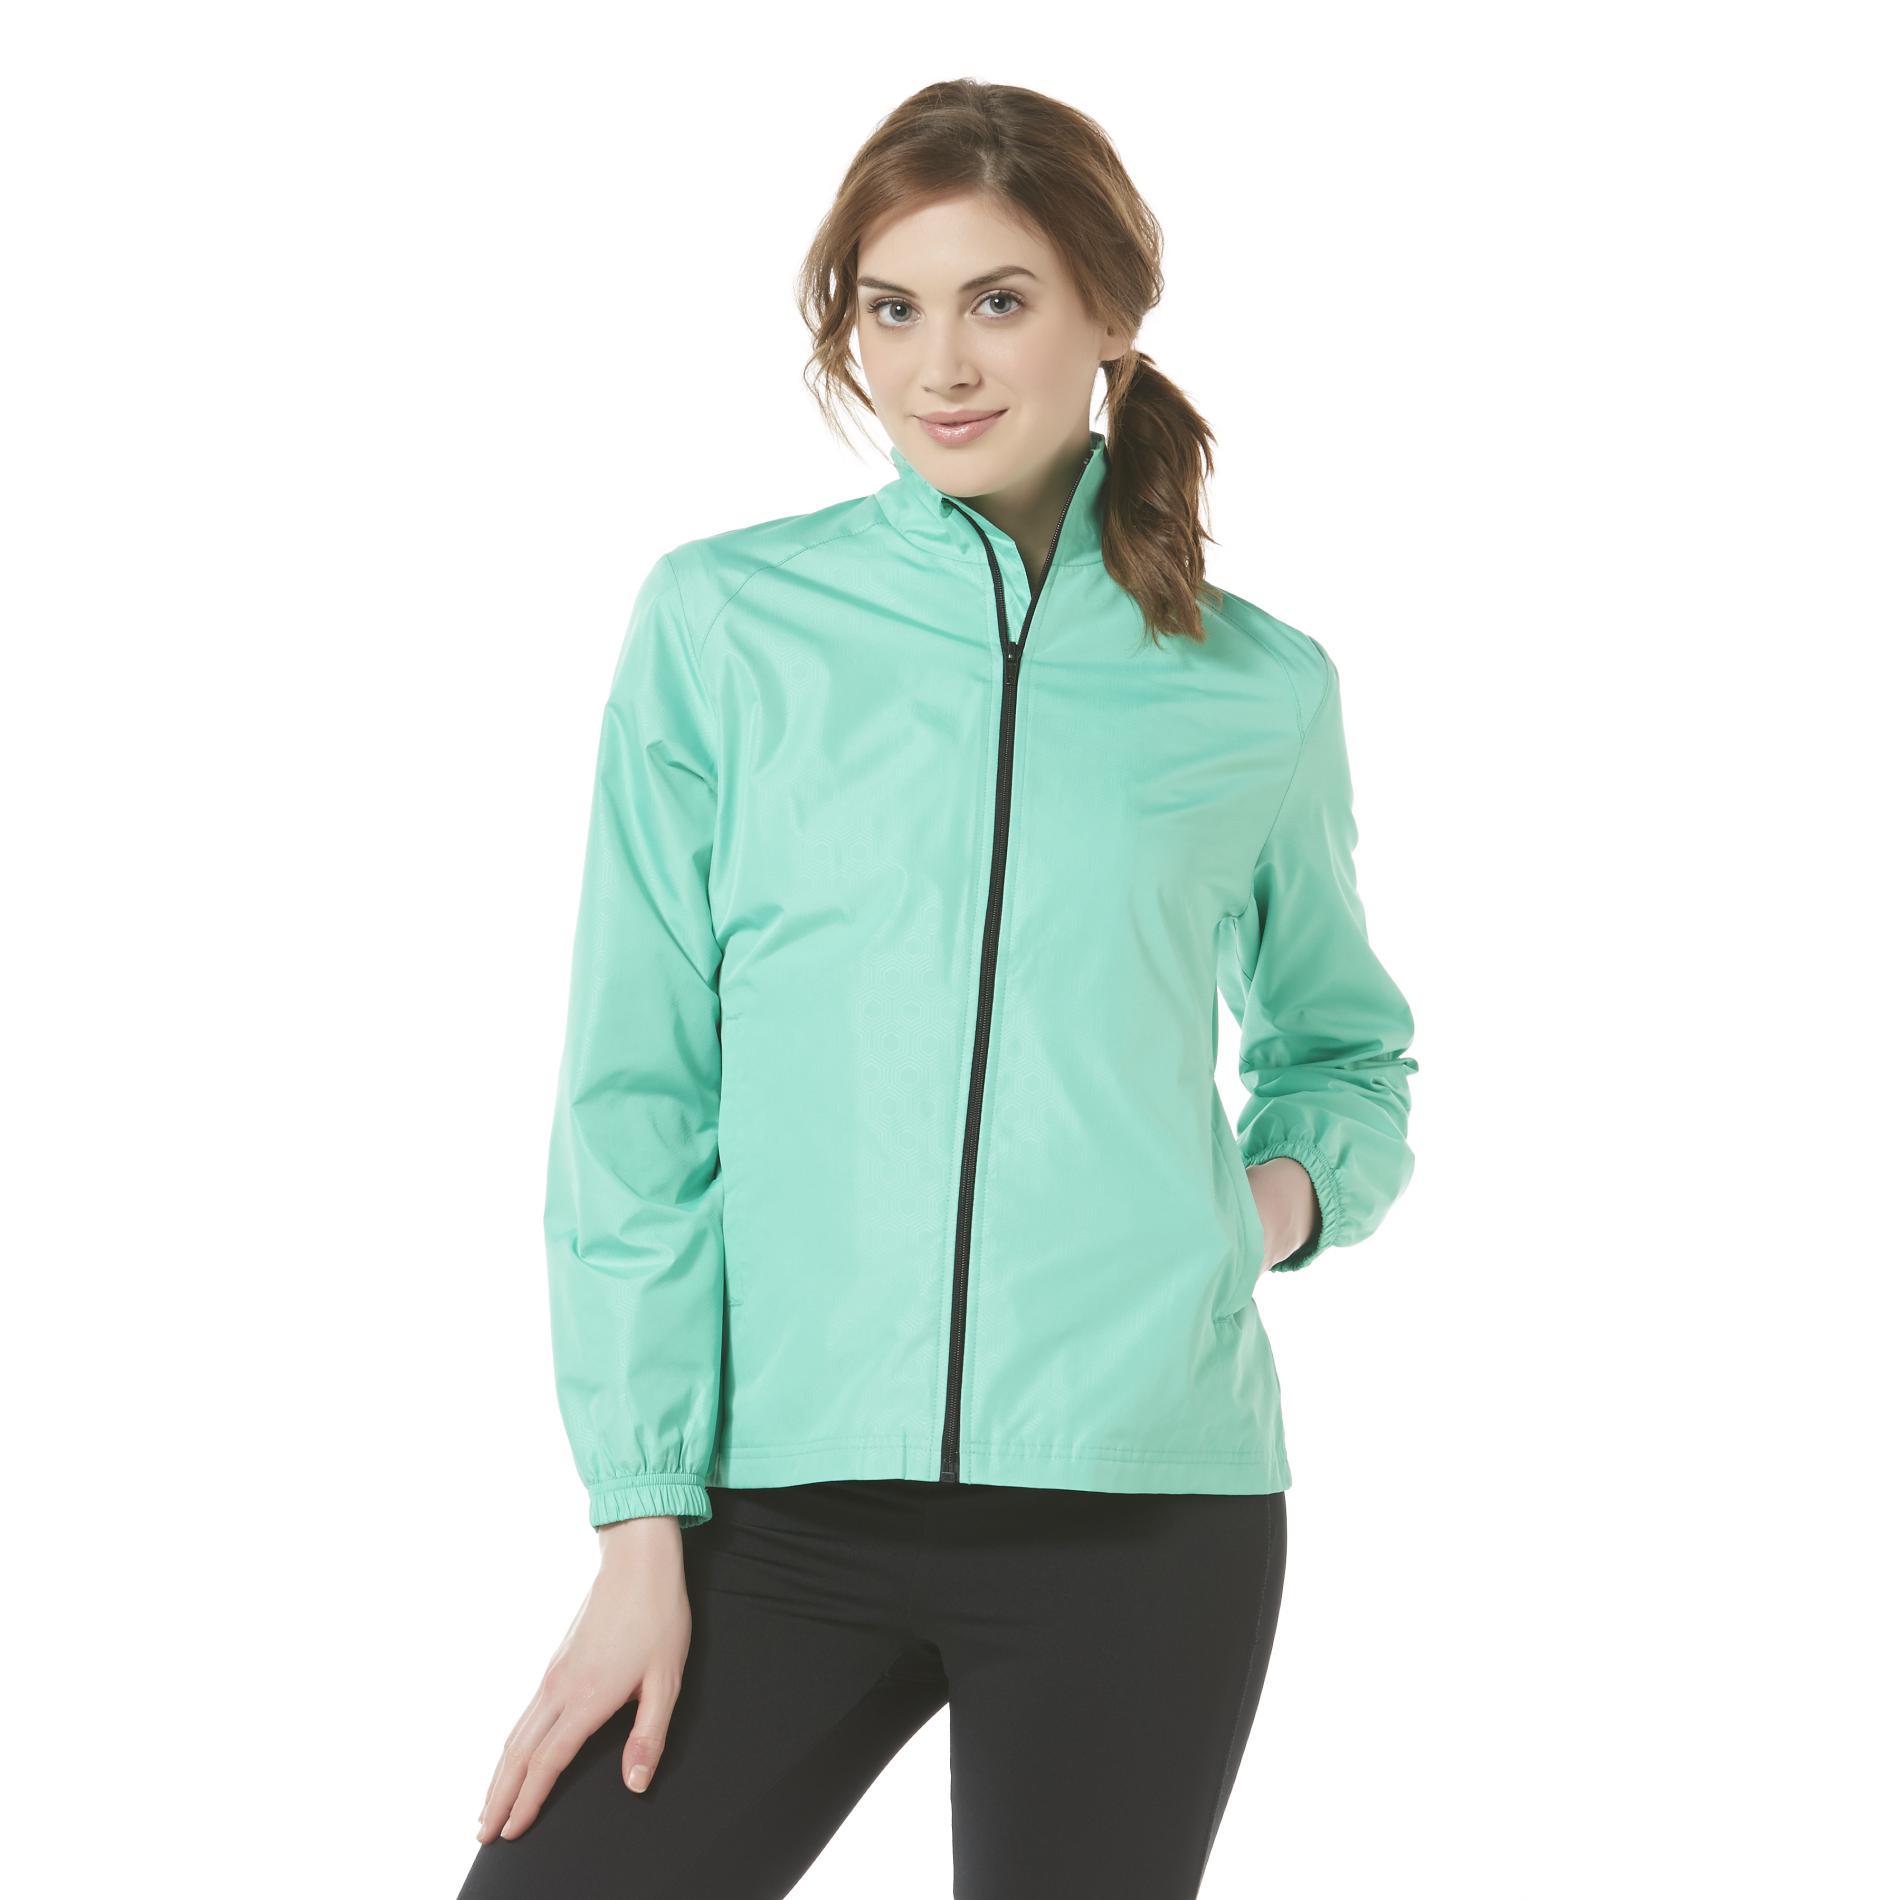 Women's Embossed Windbreaker Jacket - Geometric